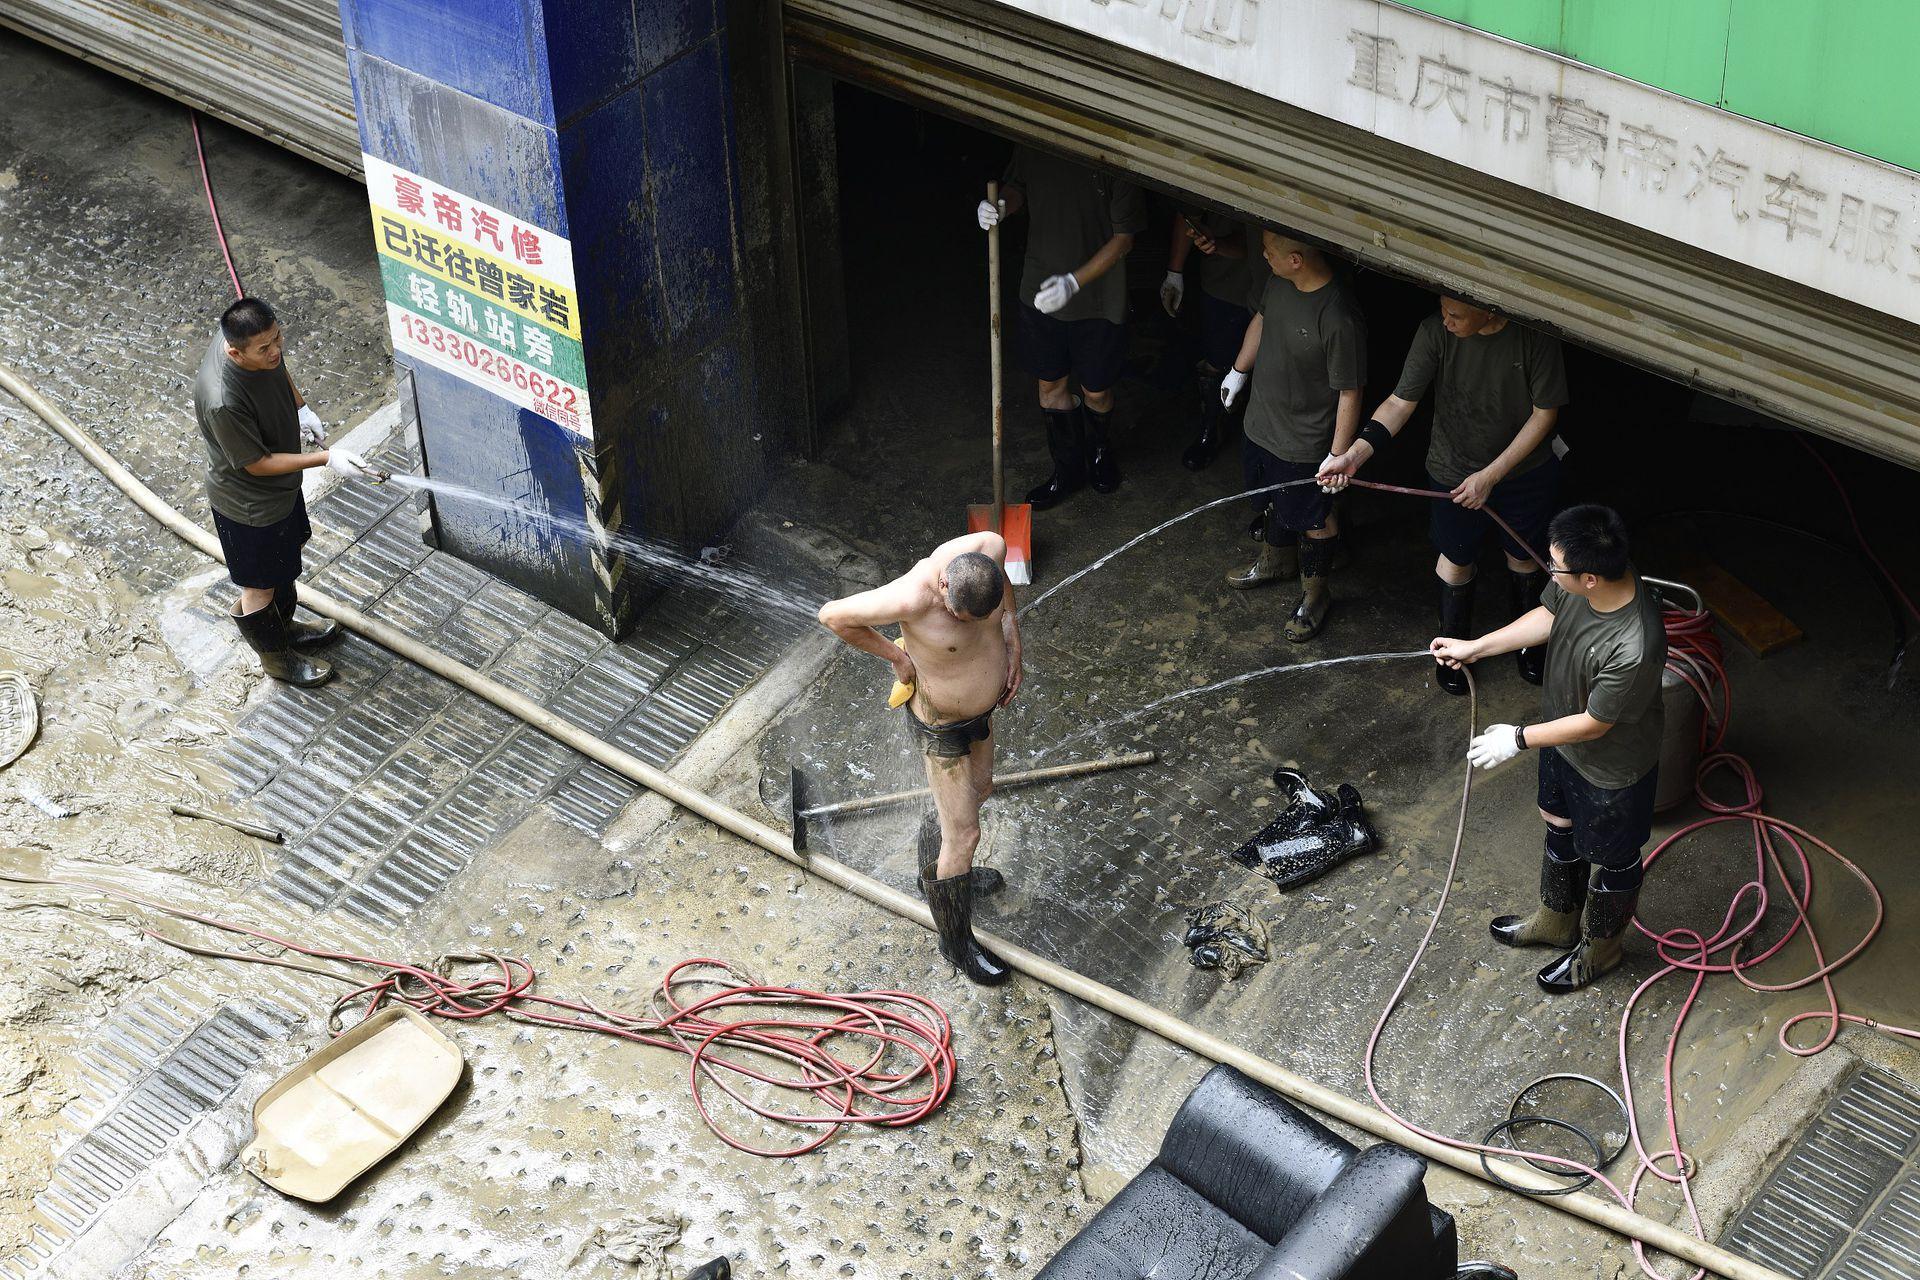 重庆渝中区嘉陵江滨江路上一位清淤工人摔入泥浆中后,三位同事正在为他清洗身体。